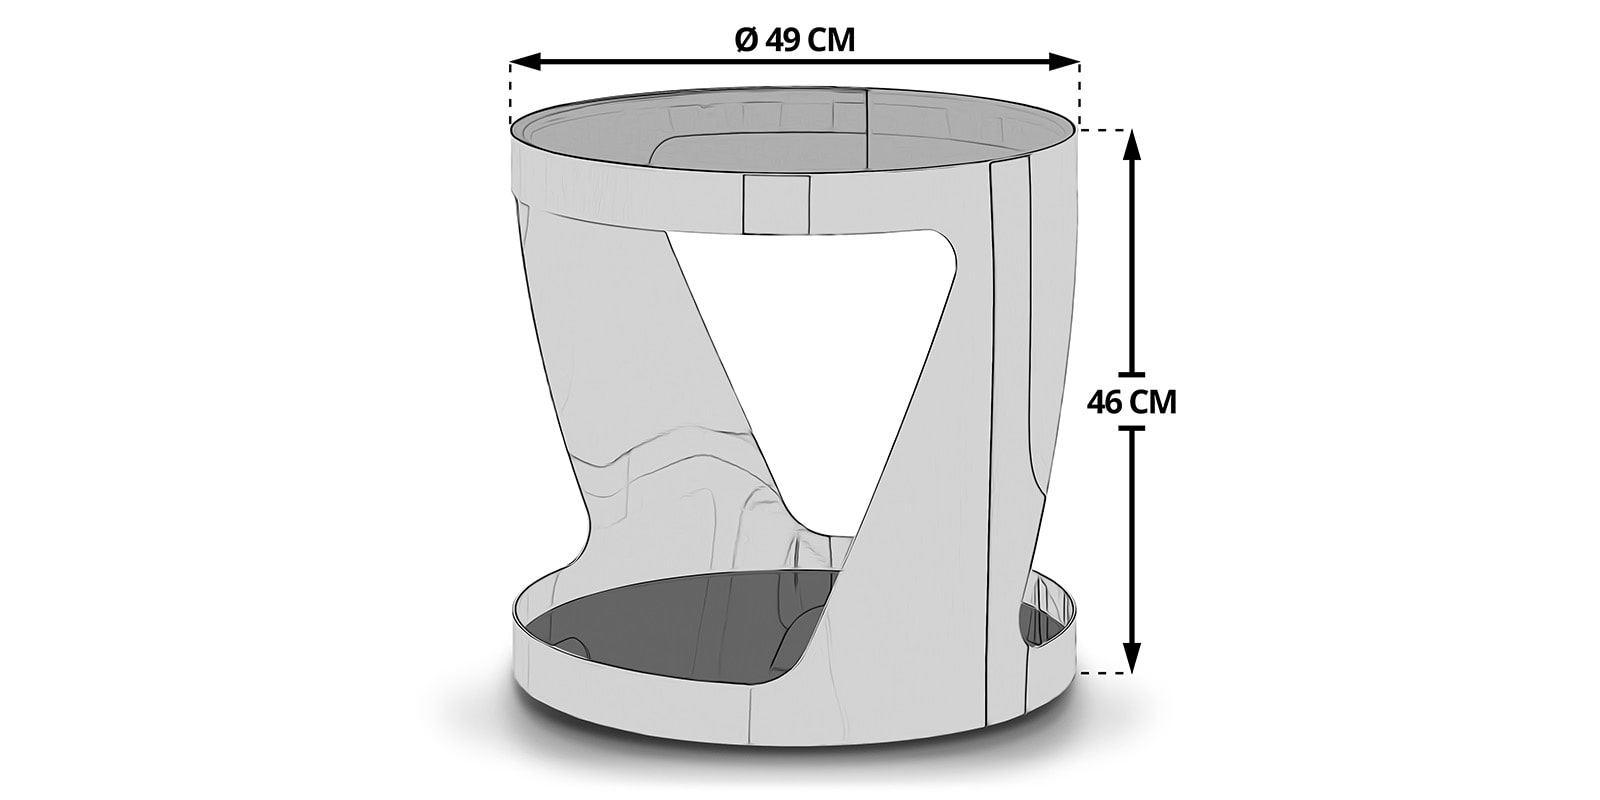 beistelltisch chrom rund silber kairo glastisch wohnzimmer. Black Bedroom Furniture Sets. Home Design Ideas